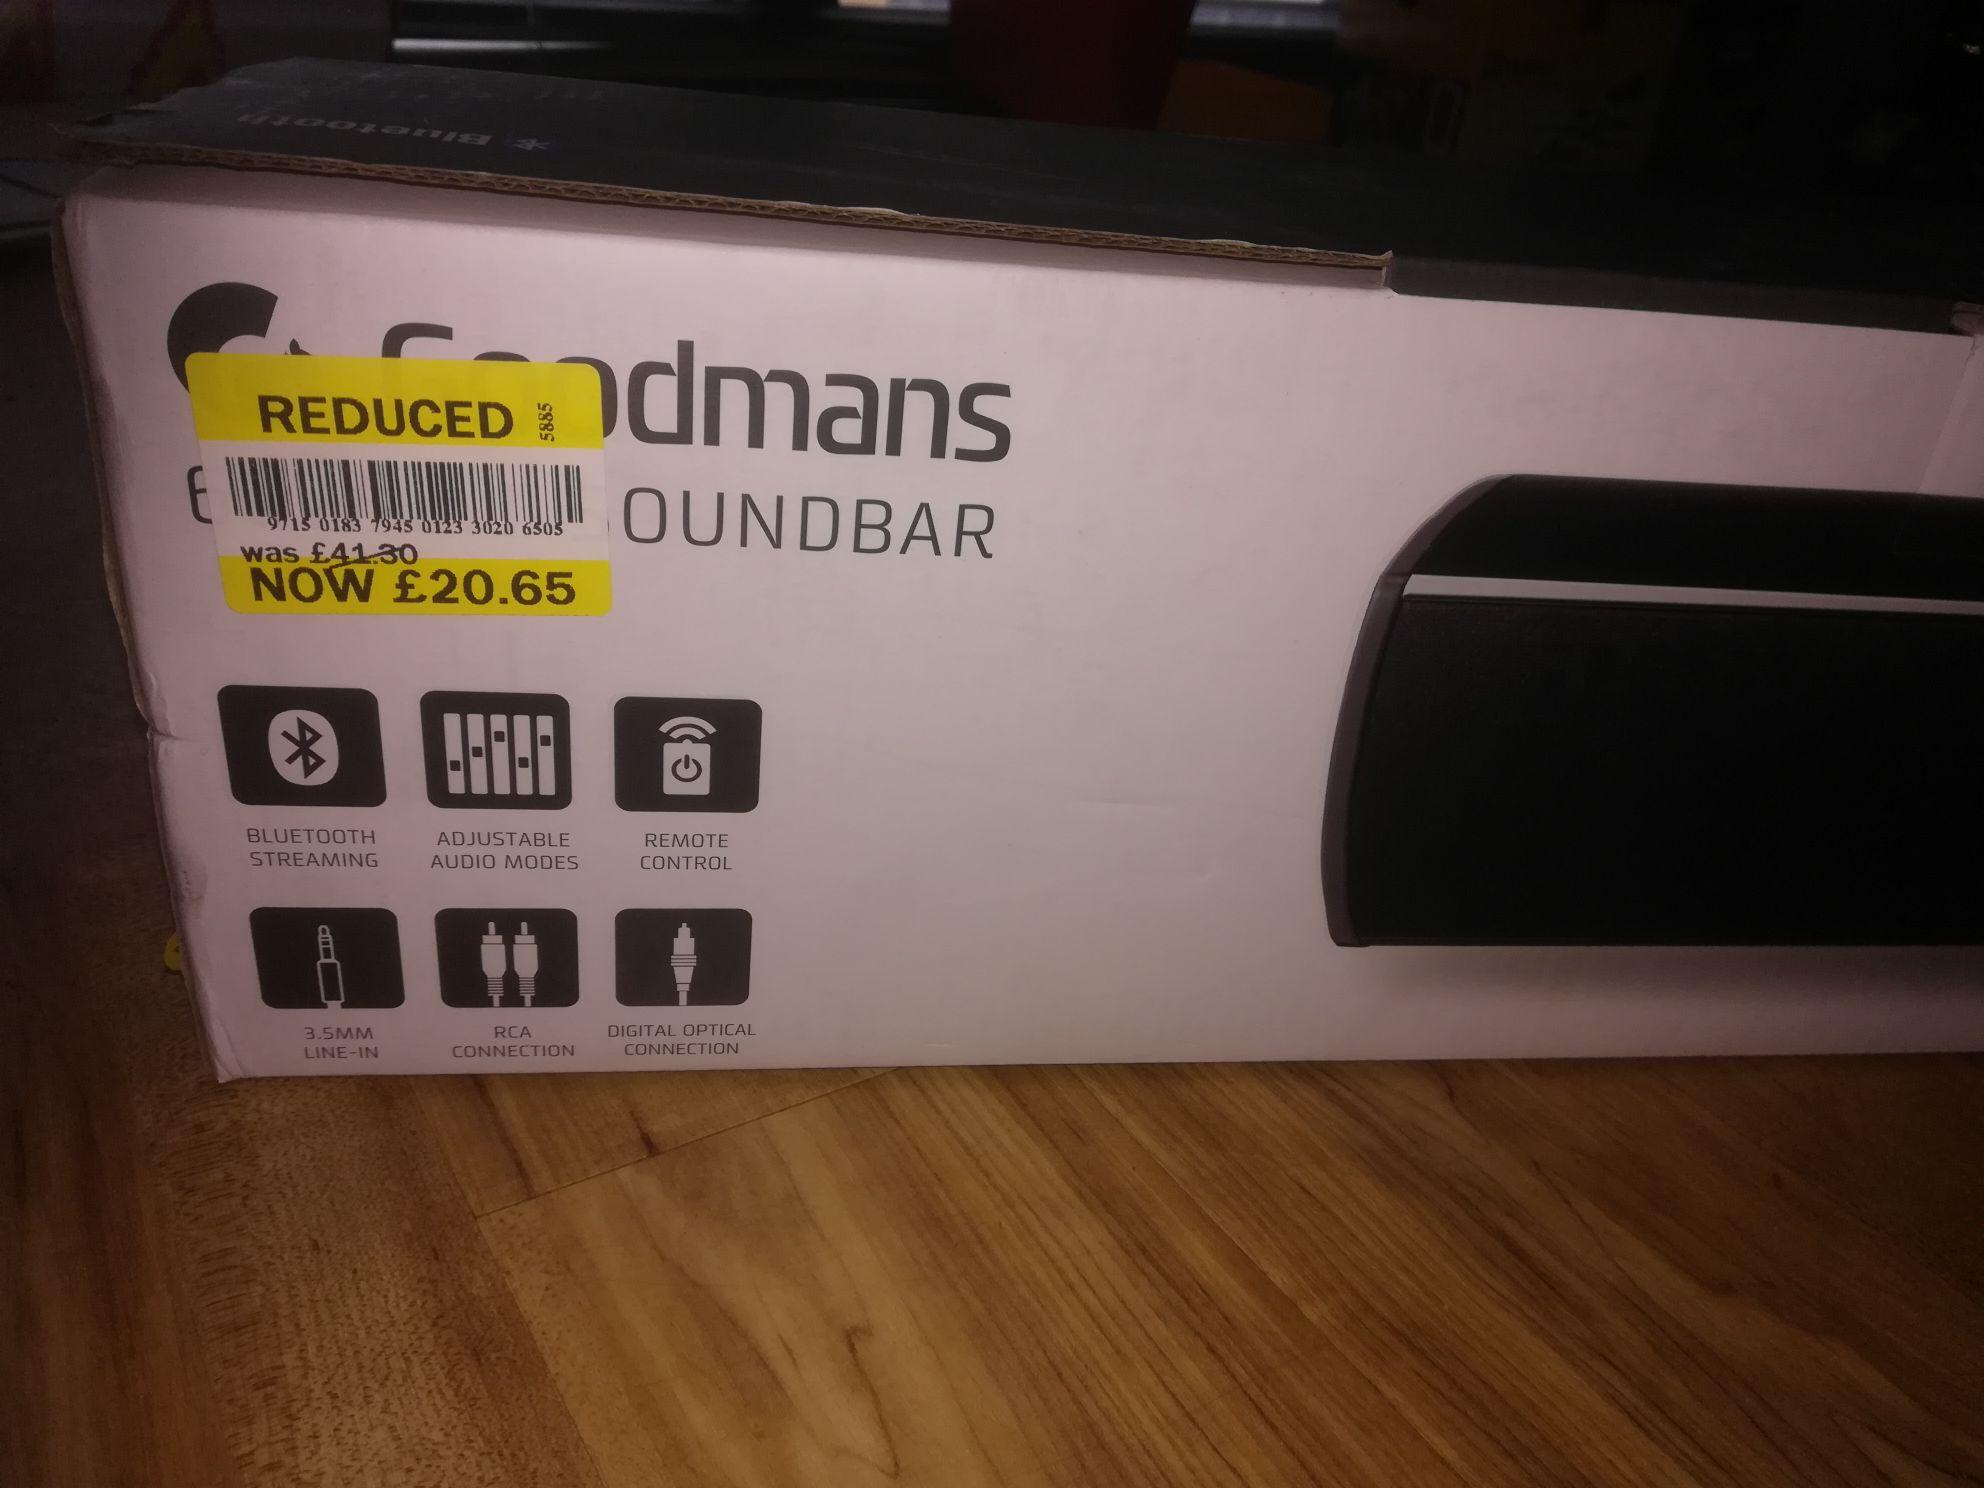 Tesco: Goodmans 60W 2.1 Soundbar instore for £20.65